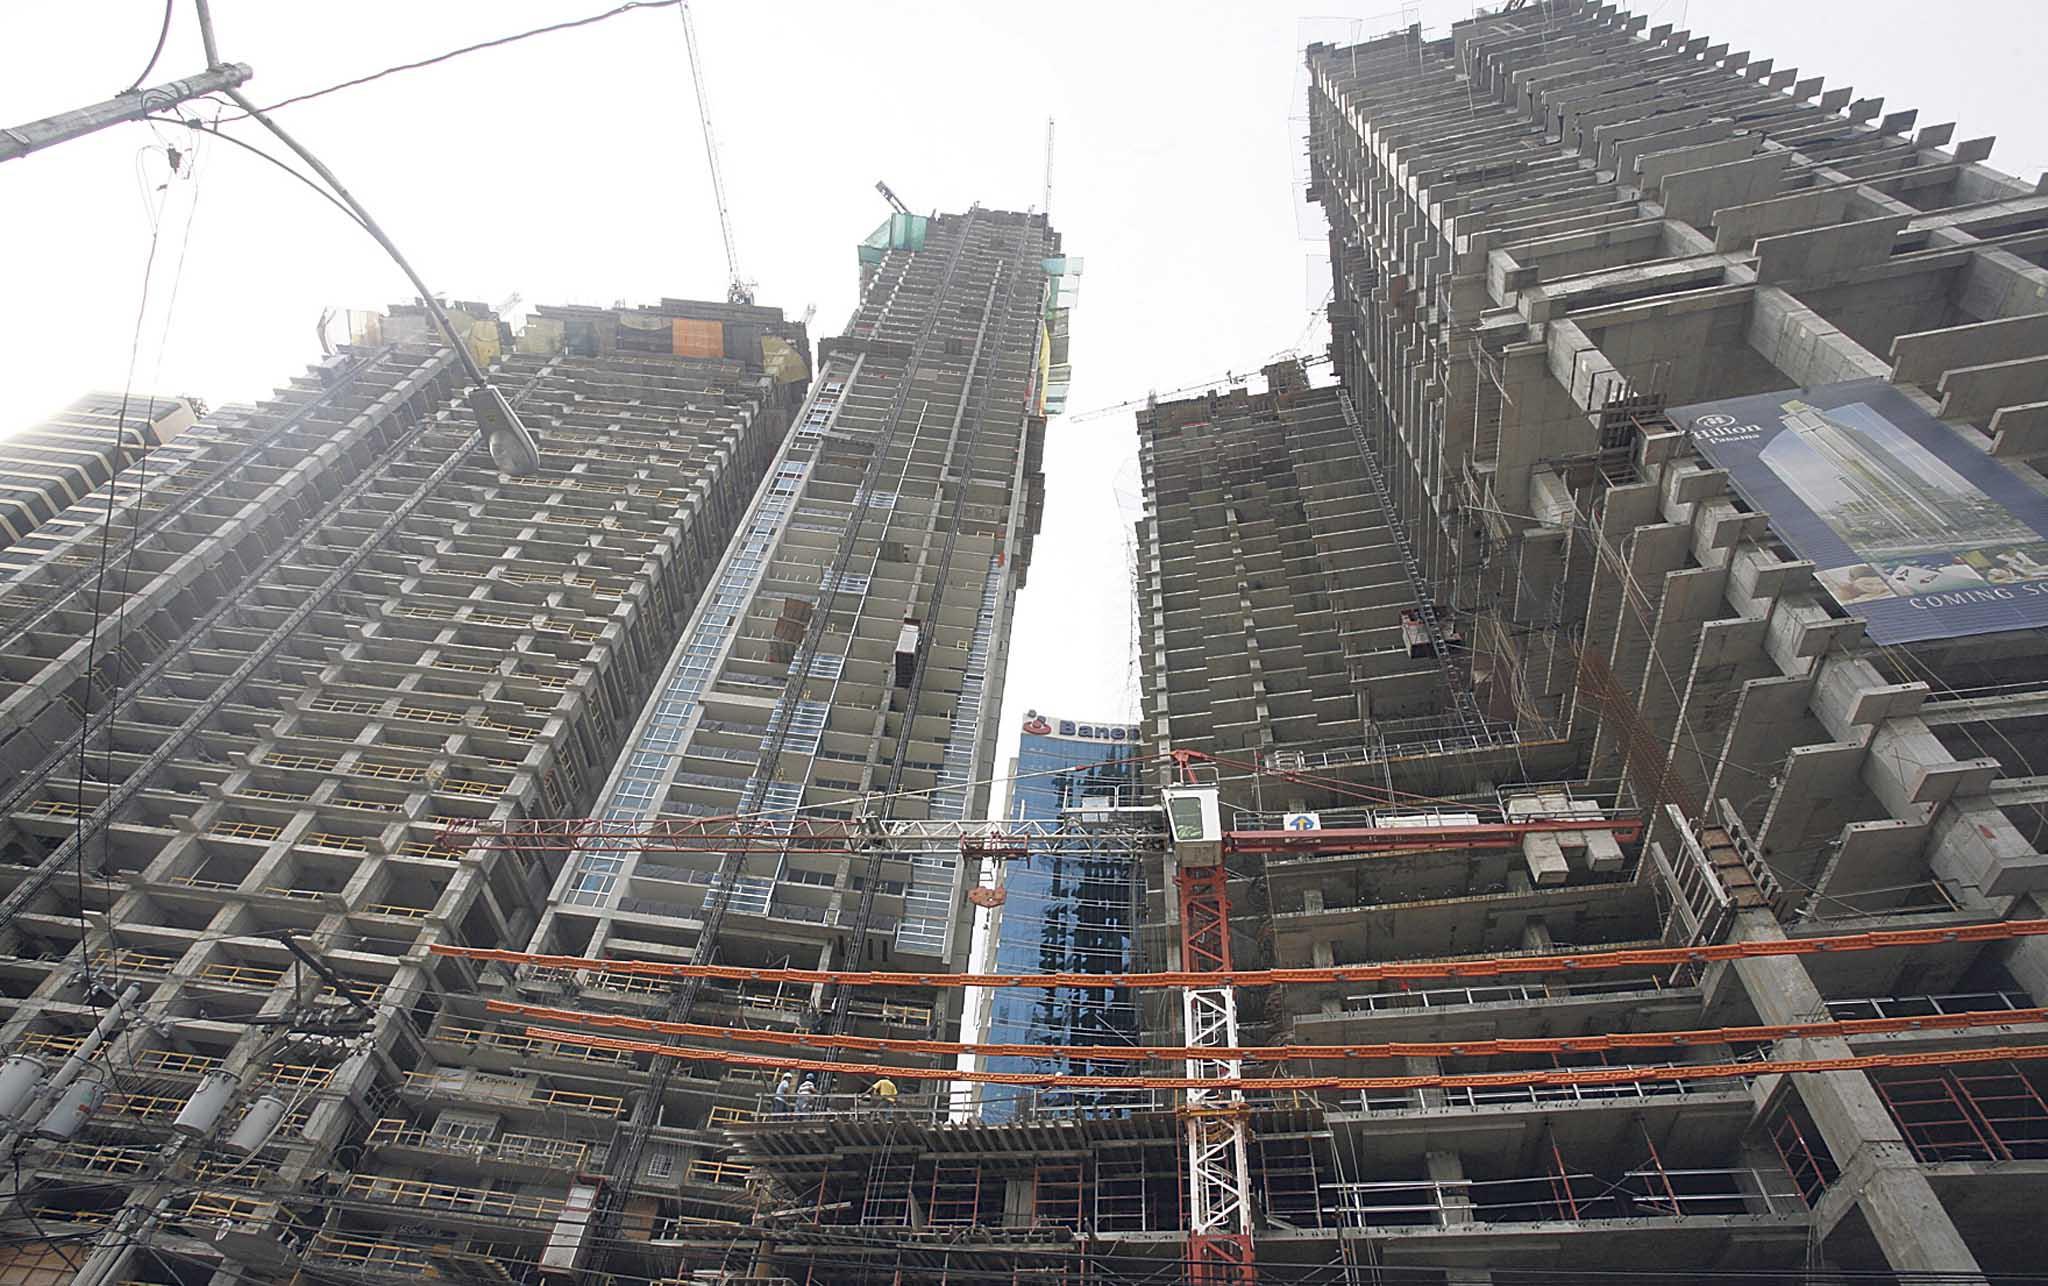 Ferreteria y construcci n panam mantiene crecimiento for Construccion empresa